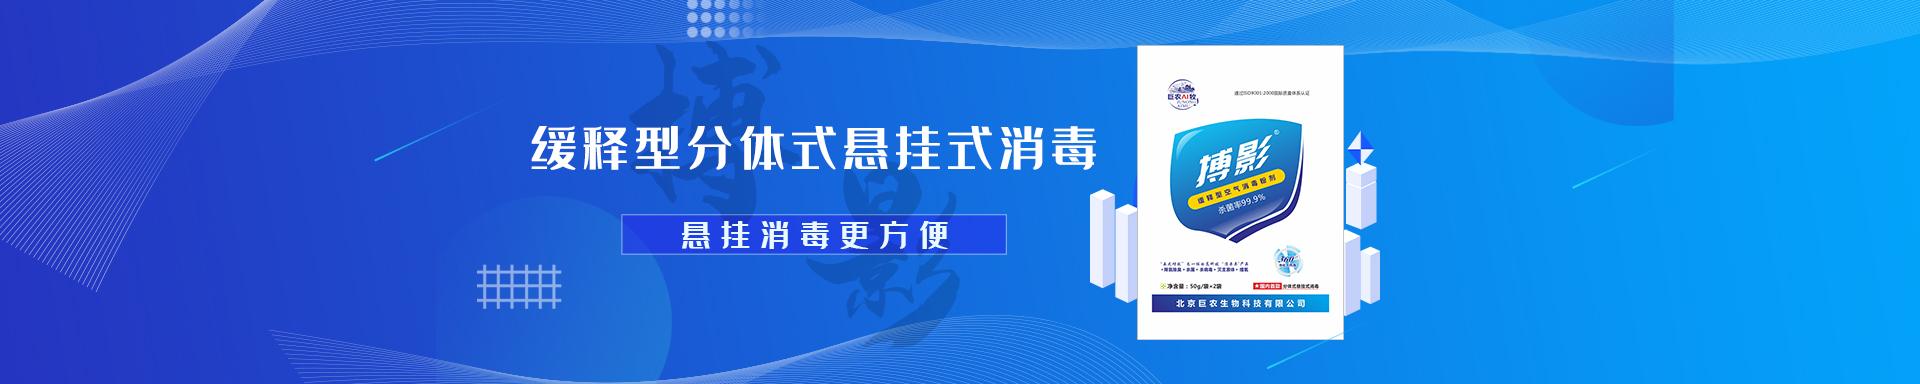 北京巨农生物科技有限公司